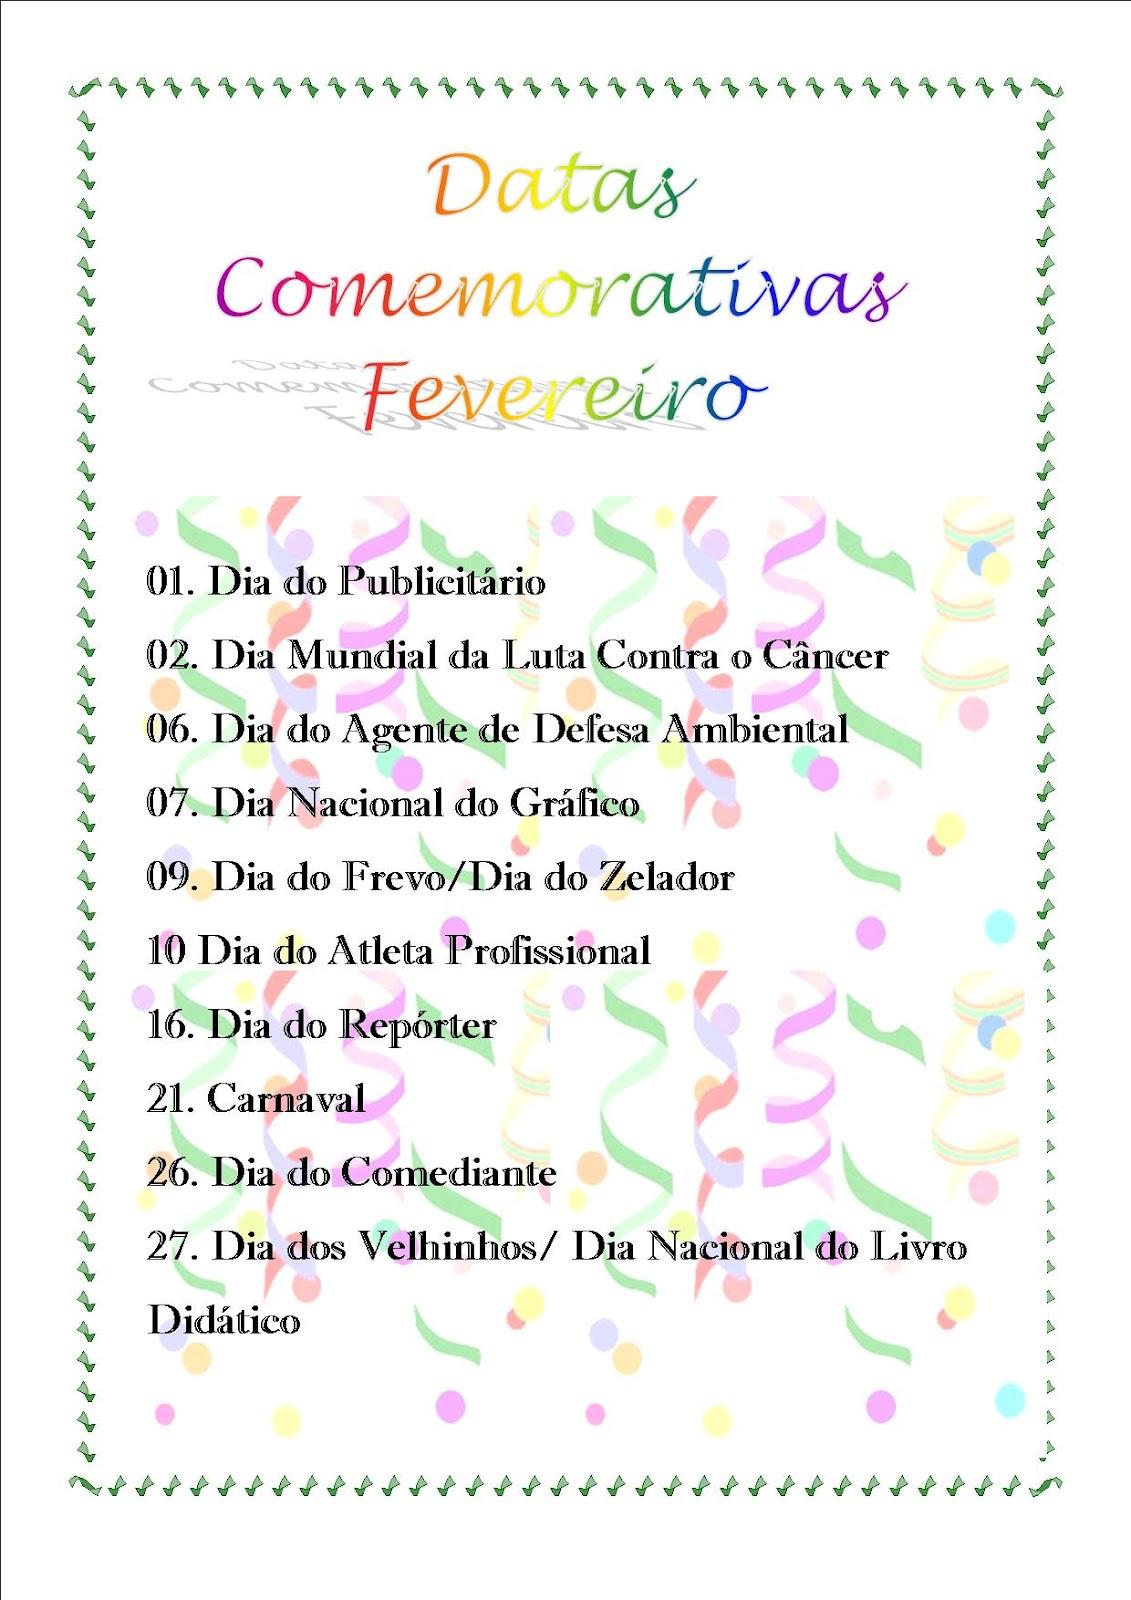 Datas Comemorativas De Fevereiro De 2015 New Calendar